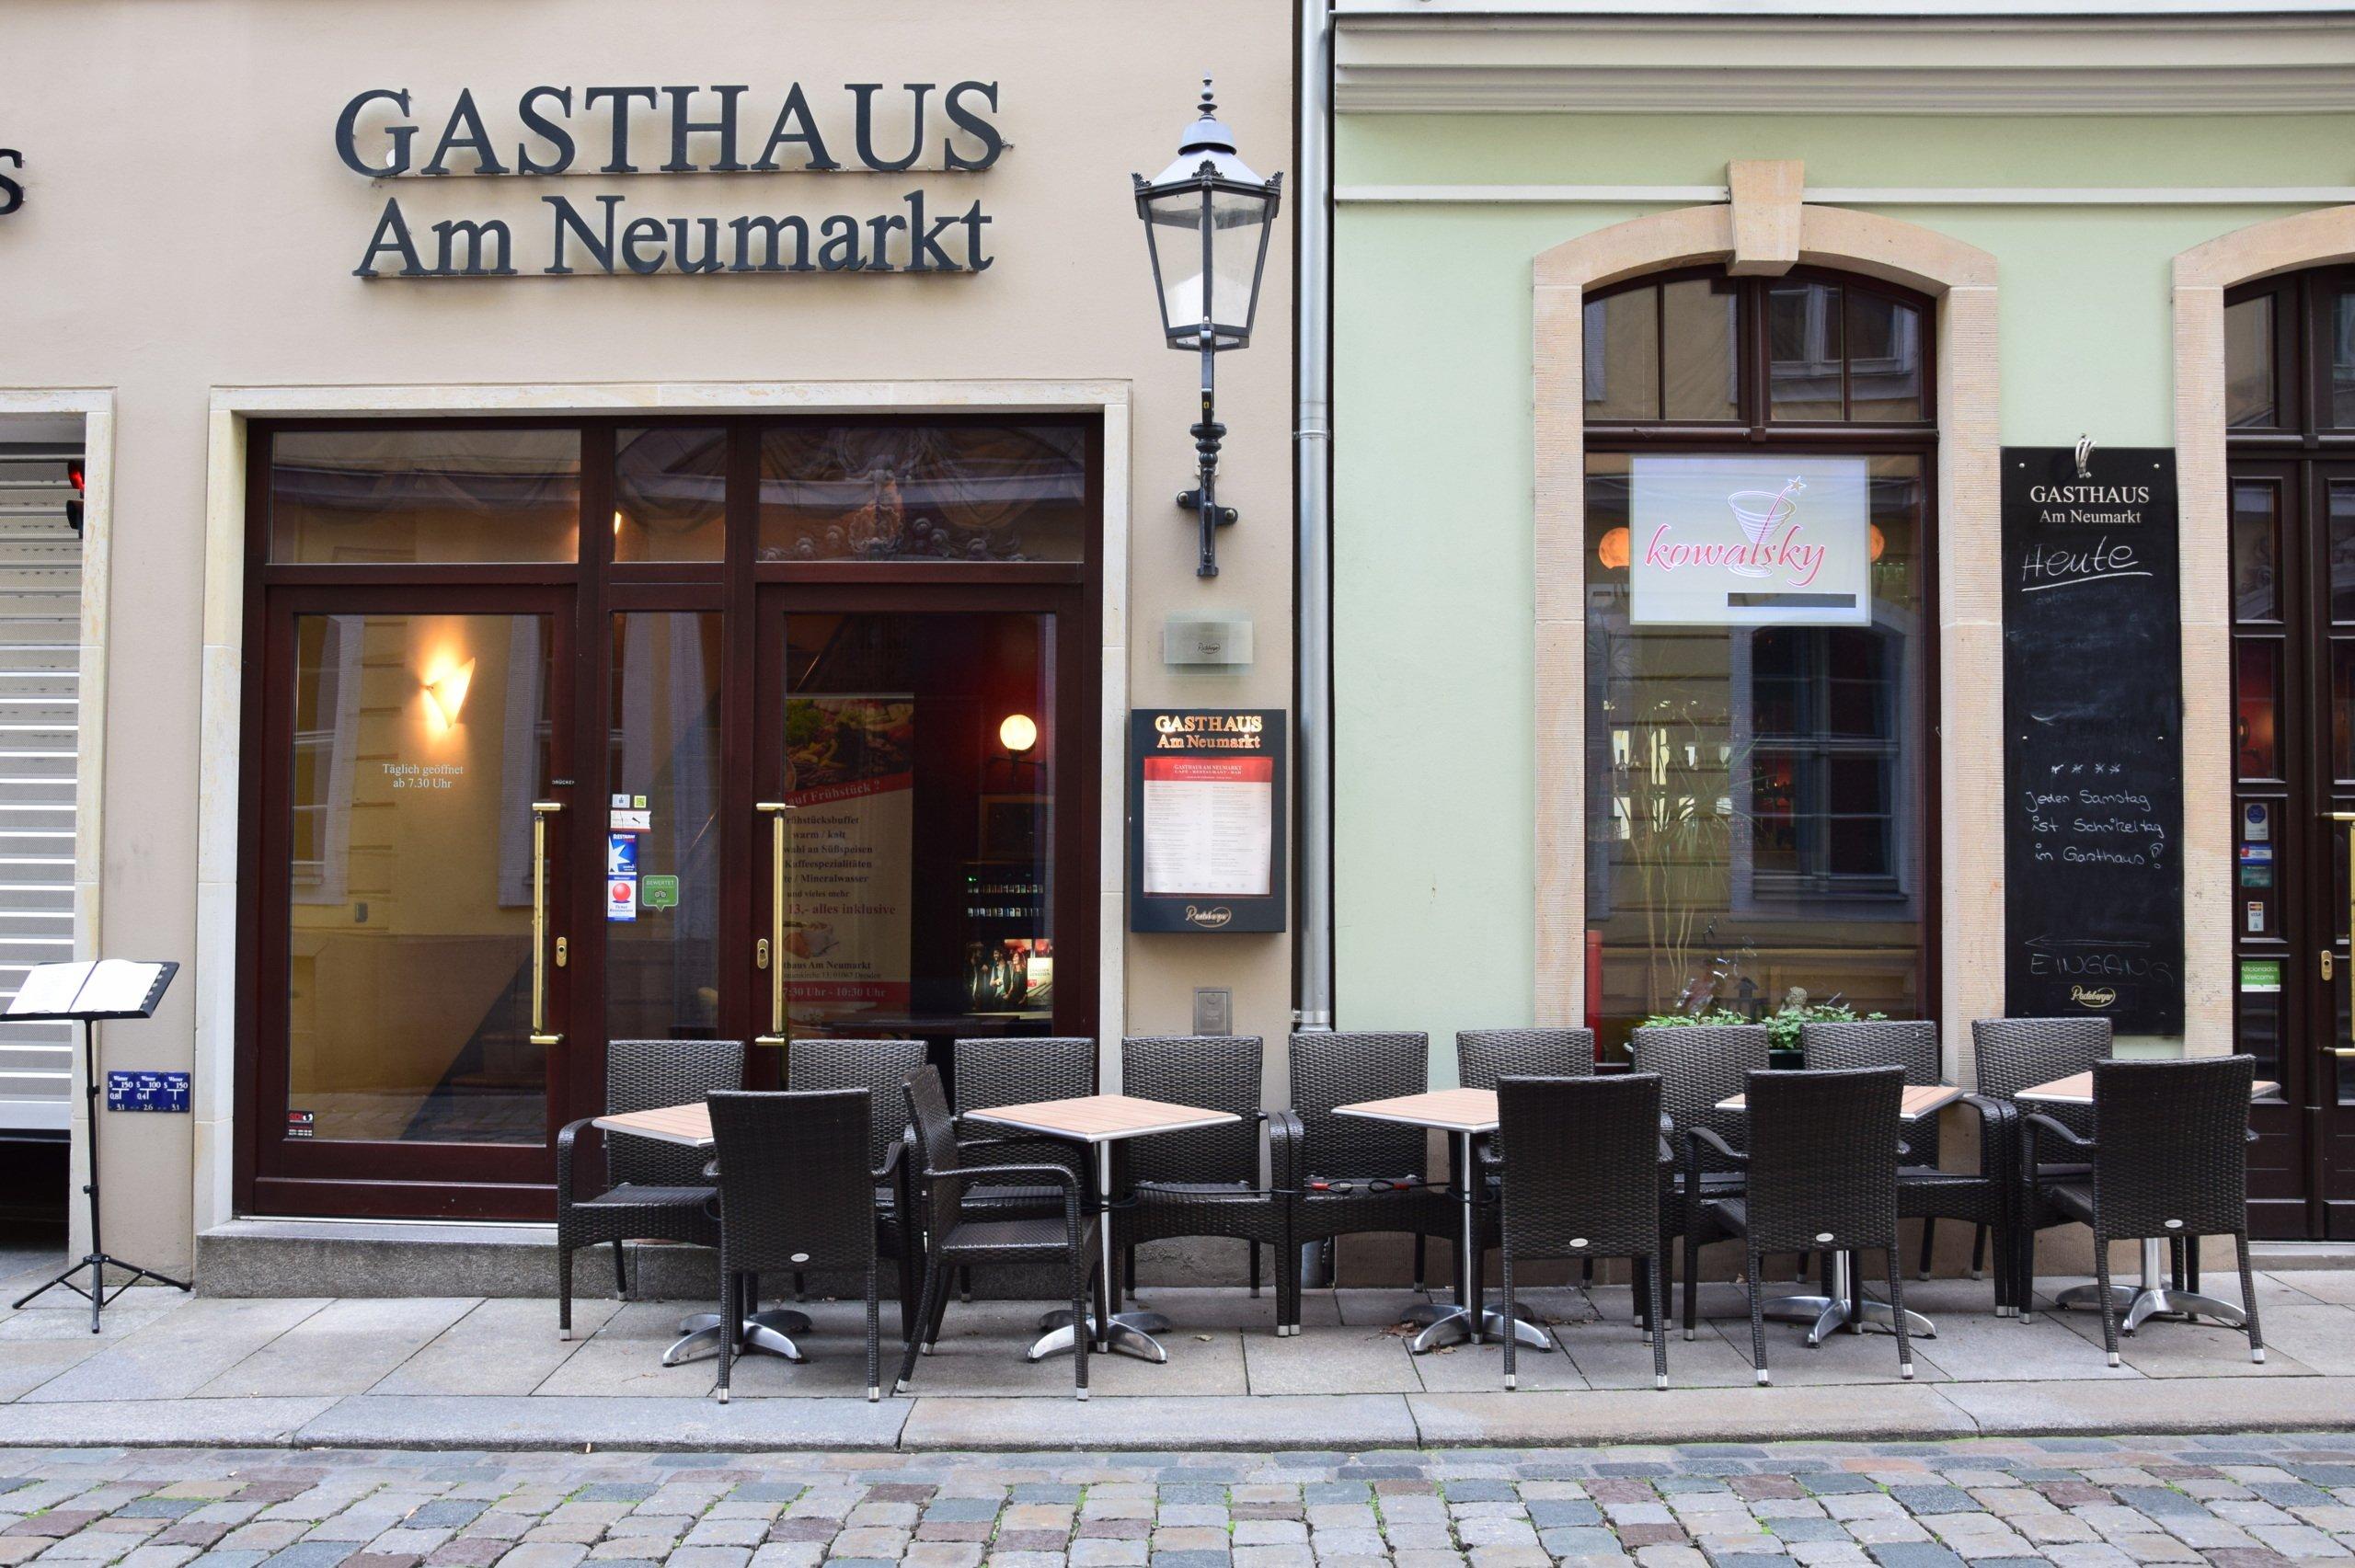 Gasthaus Am Neumarkt Öffnungszeiten, An der Frauenkirche in Dresden ...